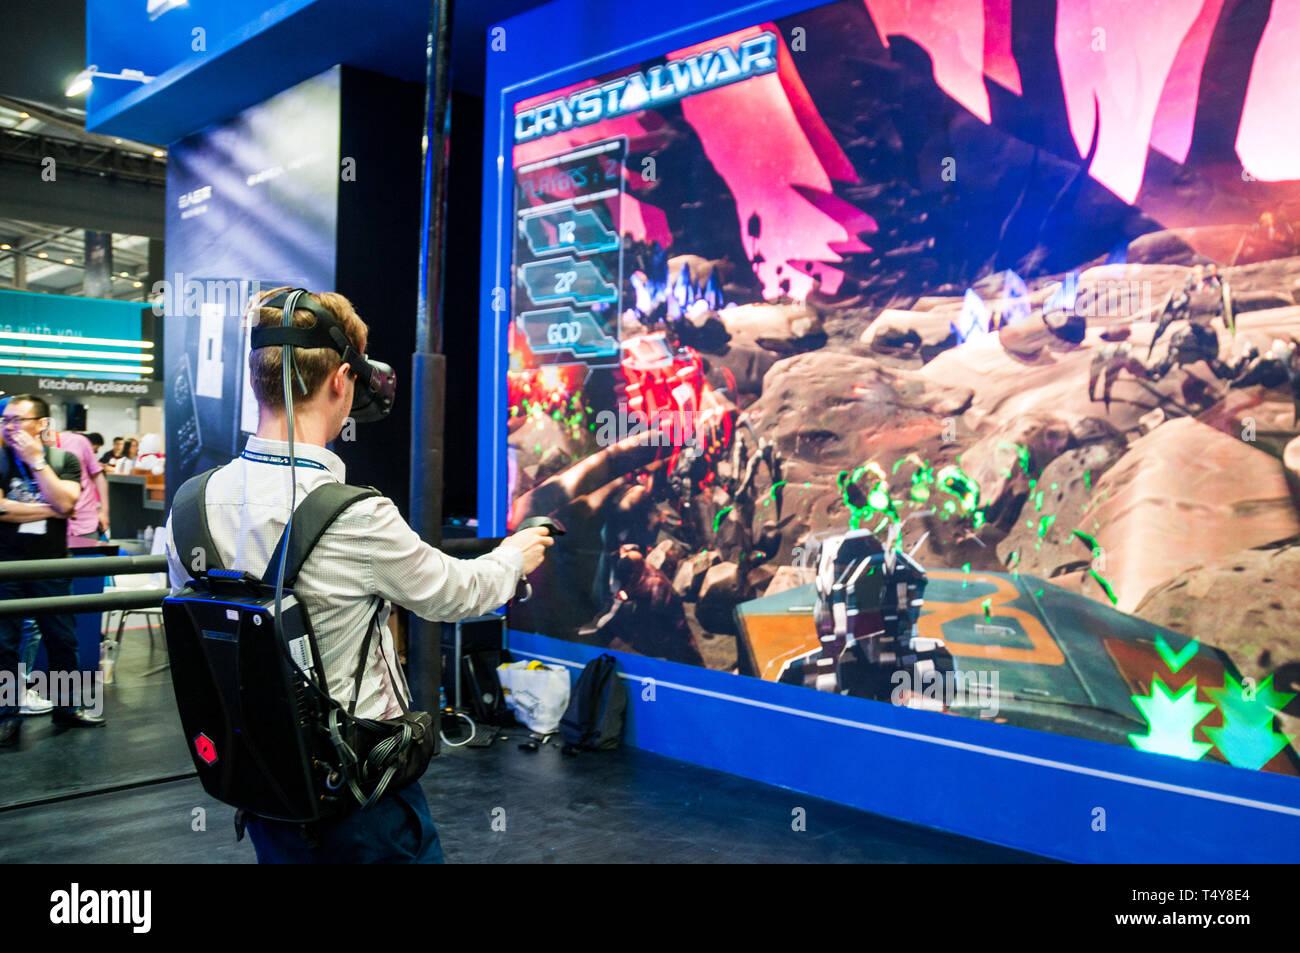 Une présence étrangère à la 2019 China International Technology Expo tente VR du matériel de jeu développé par Tsinghua Tongfang. Photo Stock